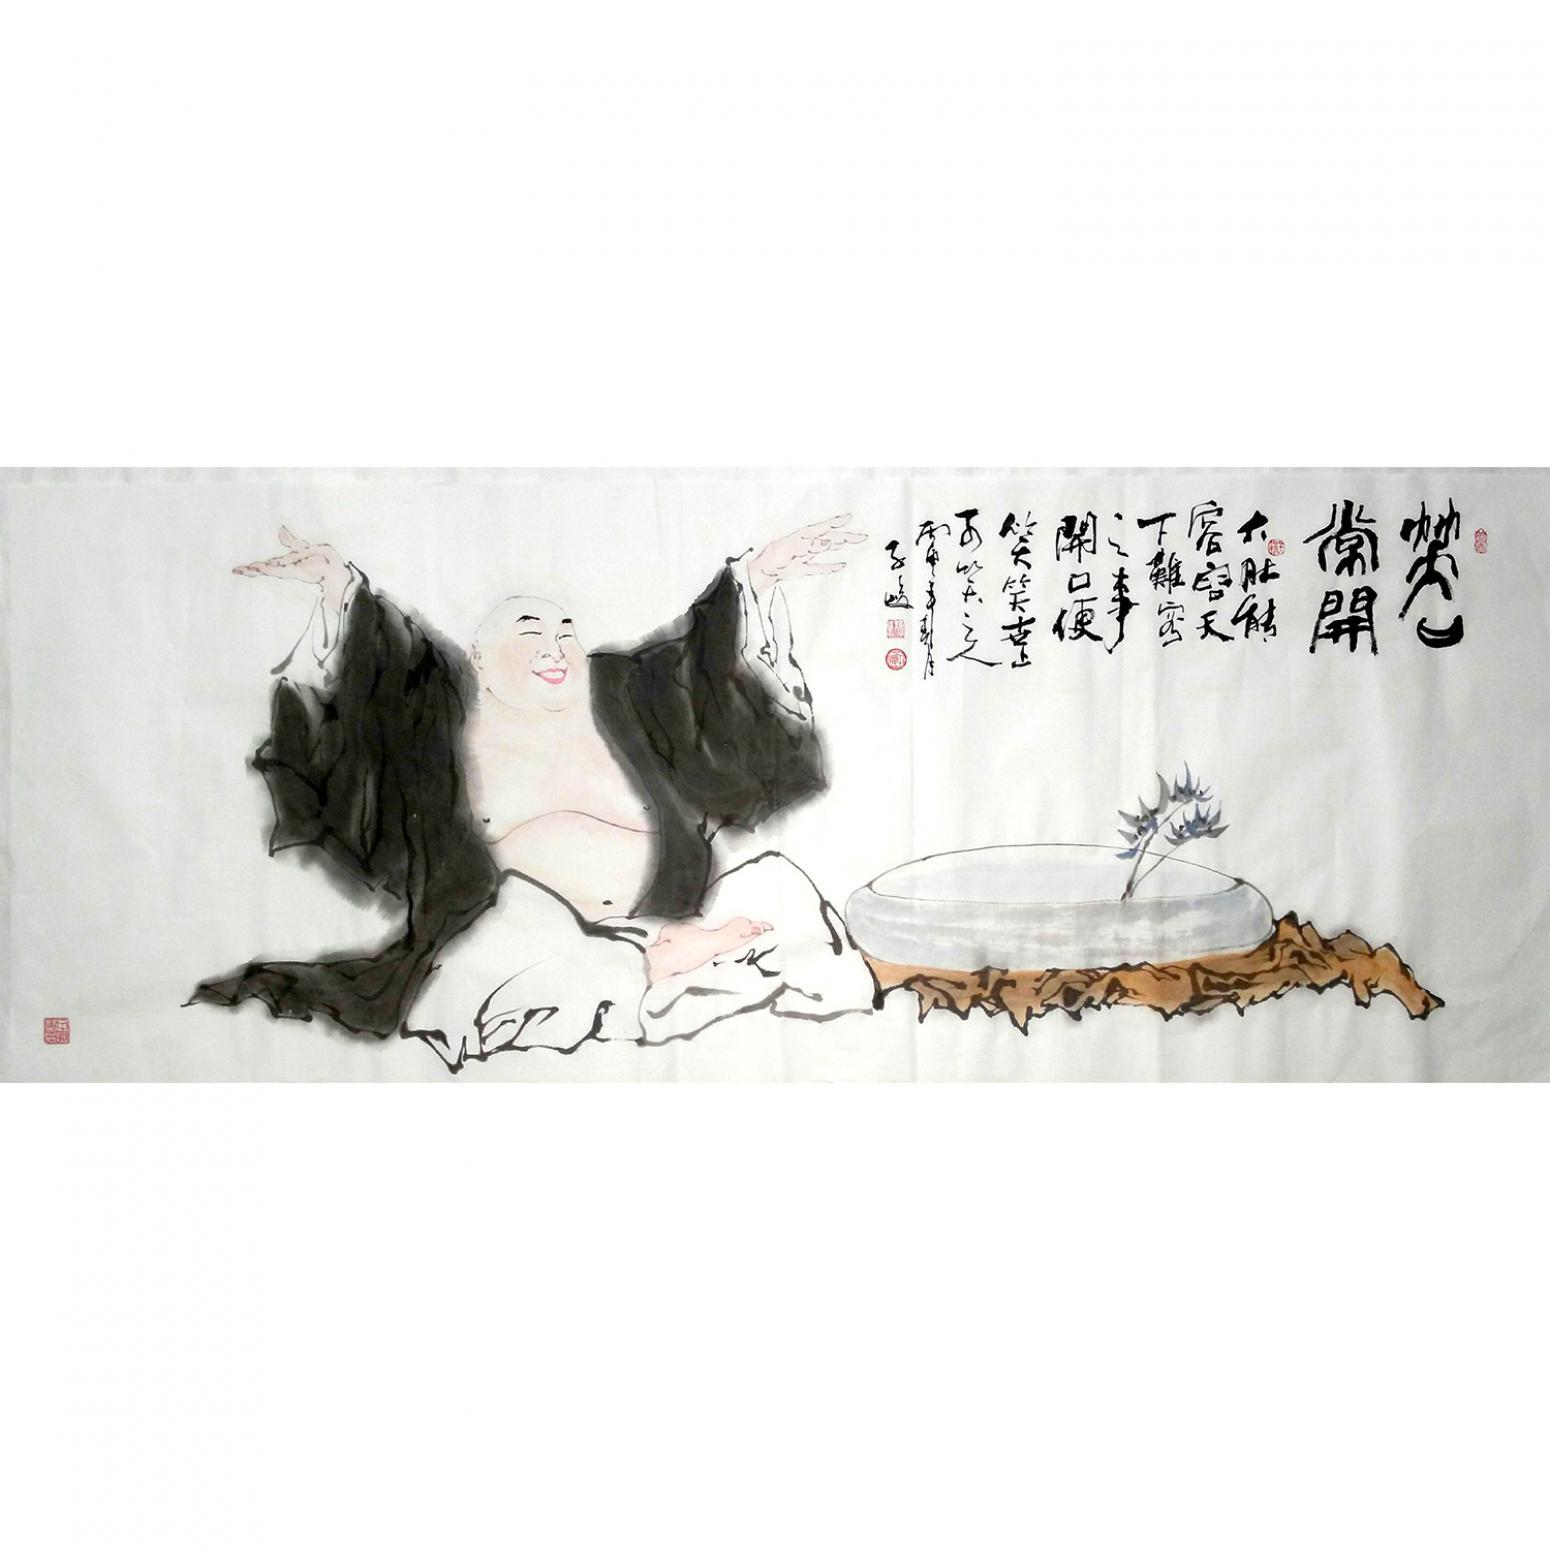 柳子峻国画作品《【笑口常开】作者柳子峻》